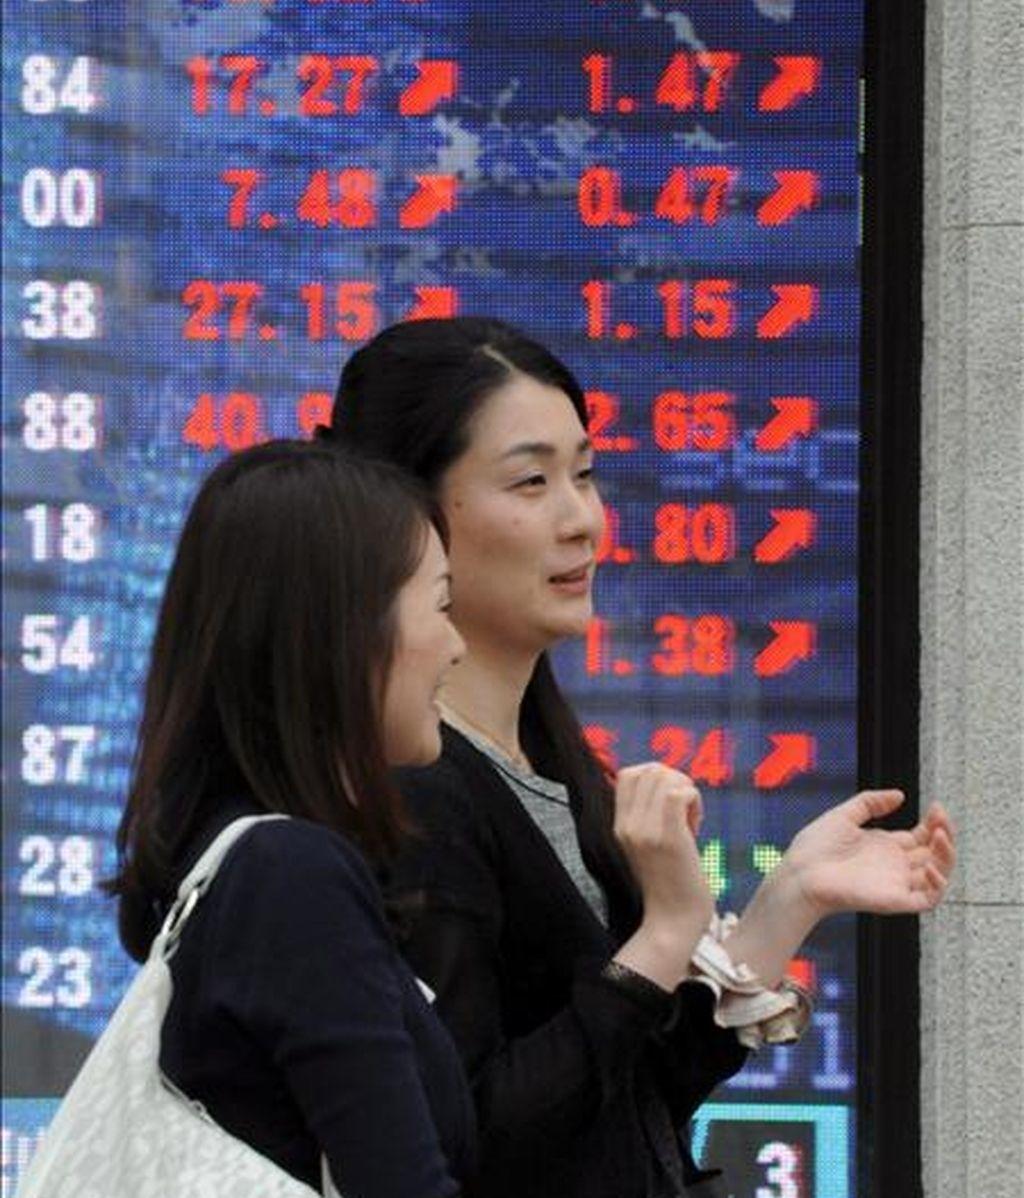 Dos jóvenes pasan una pantalla electrónico con el valor del índice Nikkei, en el centro de Tokio. EFE/Archivo